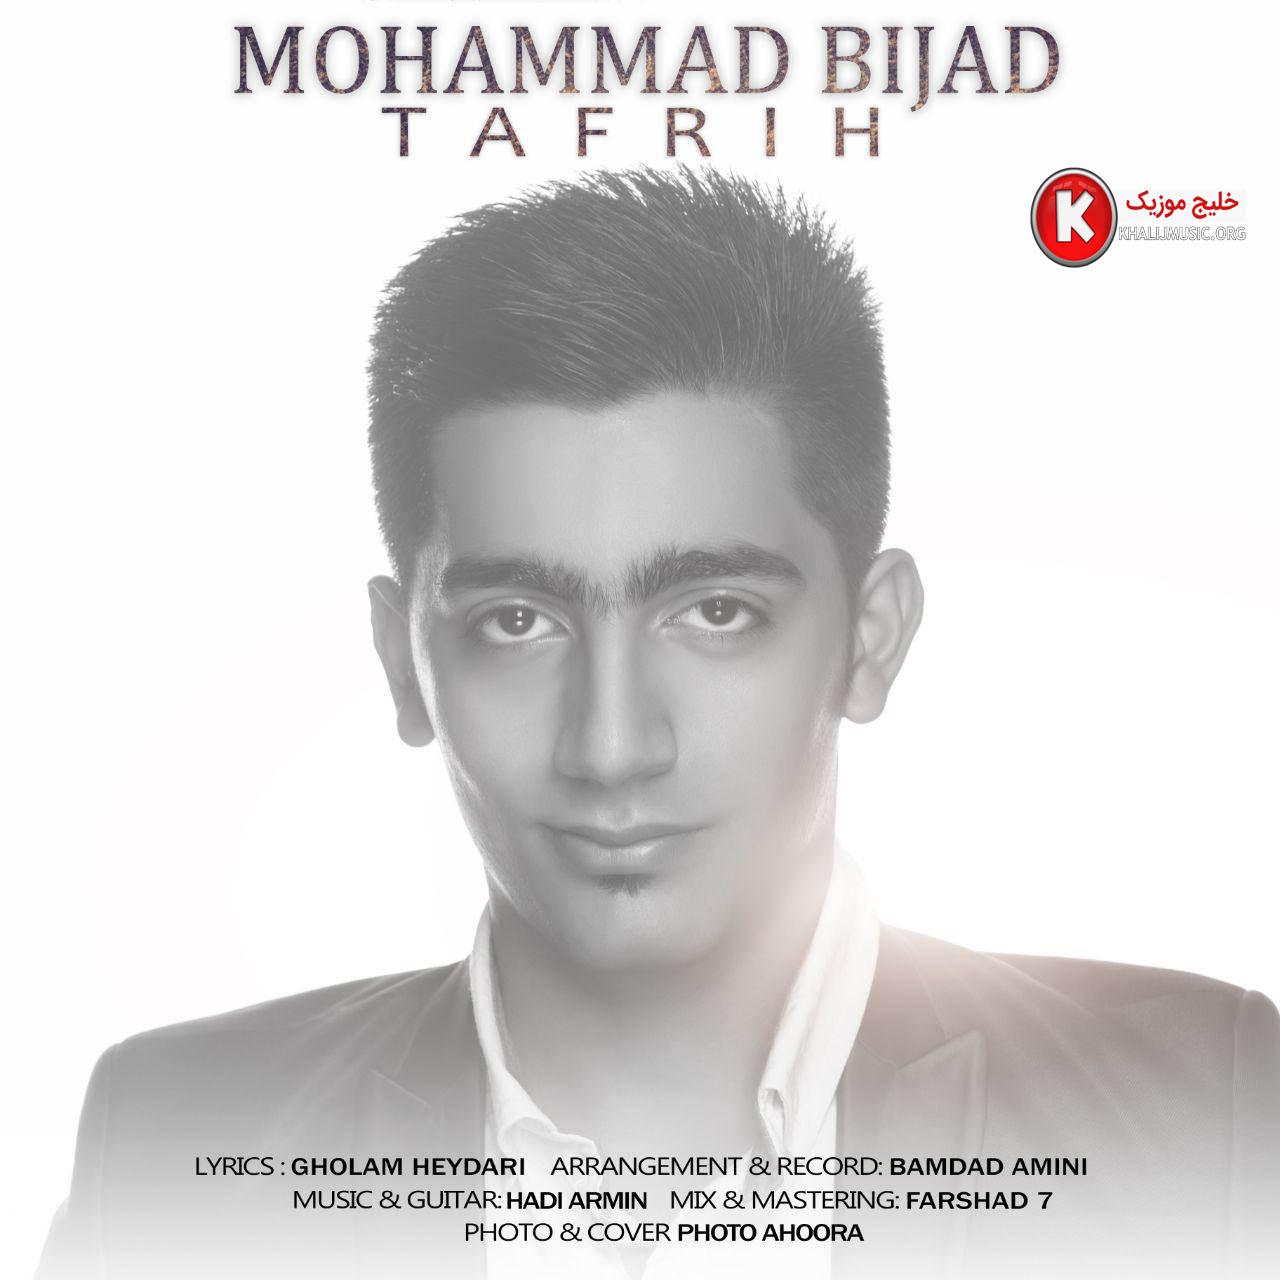 محمد بیجاد آهنگ جدید و بسیار زیبا و شنیدنی بنام تفریح